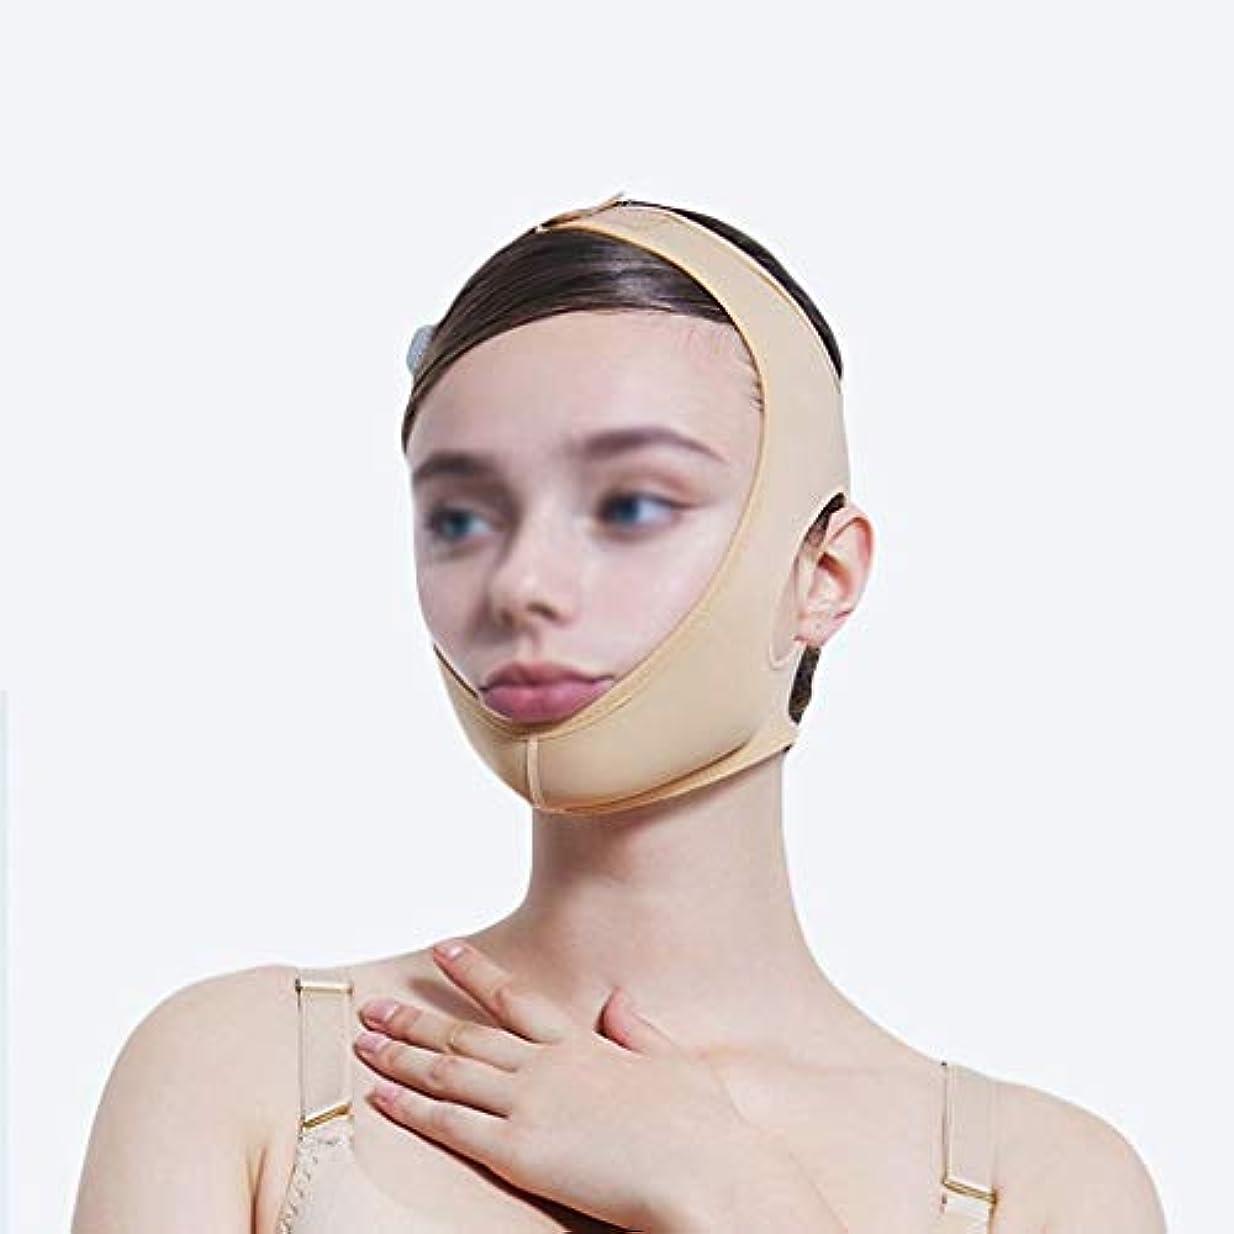 親密な集中プロットフェイシャルライン、頬、しわ防止フェイシャル減量、フェイスバンド、フェイスマスク、フェイスリフティング、通気性、ダブルチンストラップ(サイズ:XXL),XS